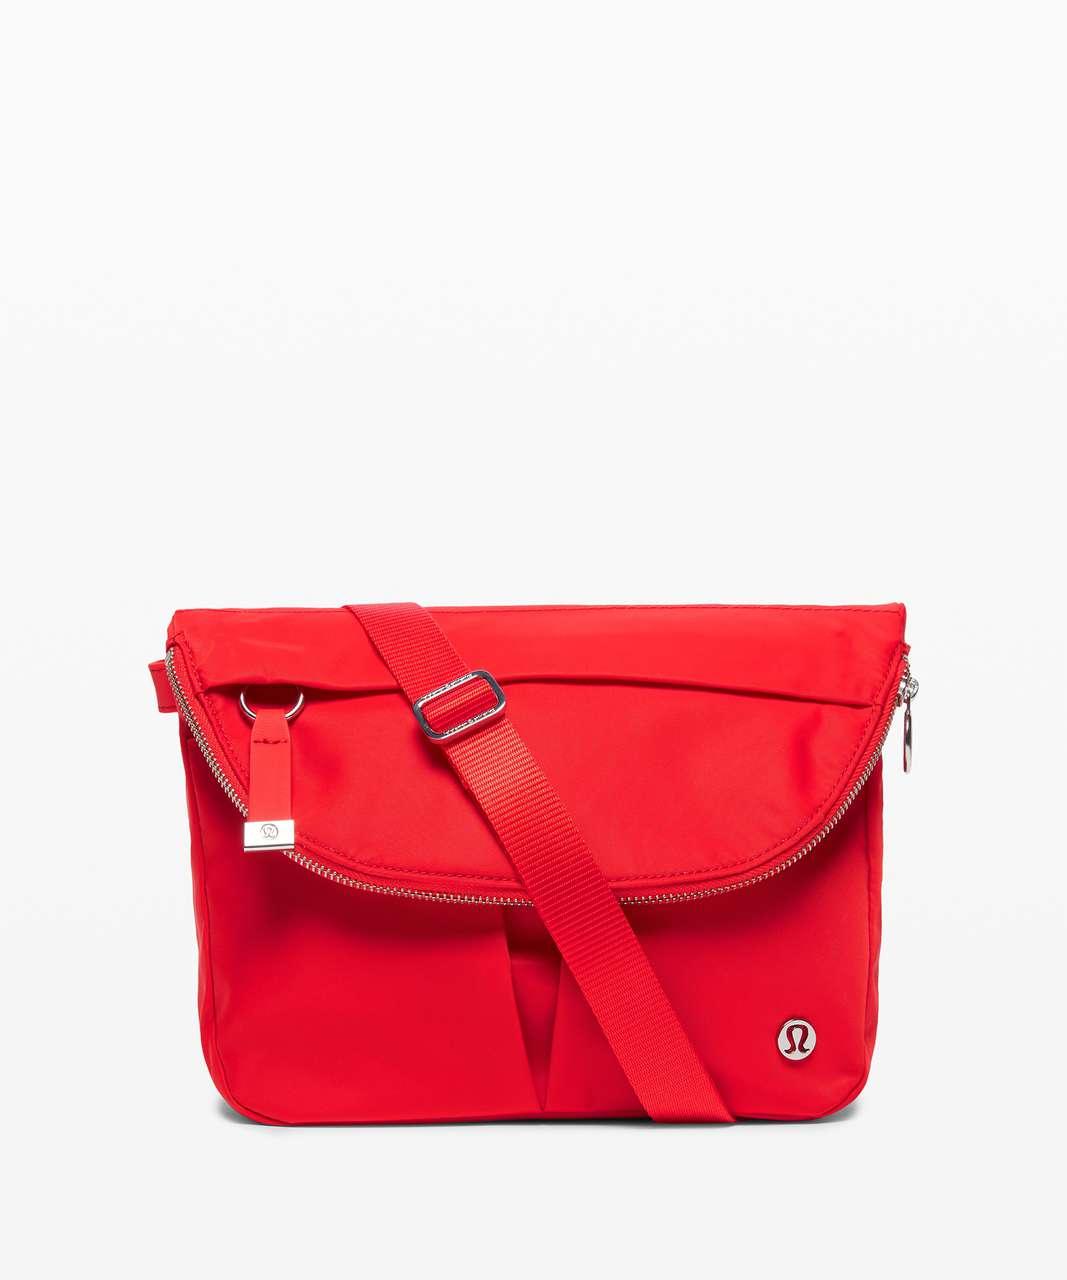 Lululemon All Night Festival Bag *5L - Carnation Red